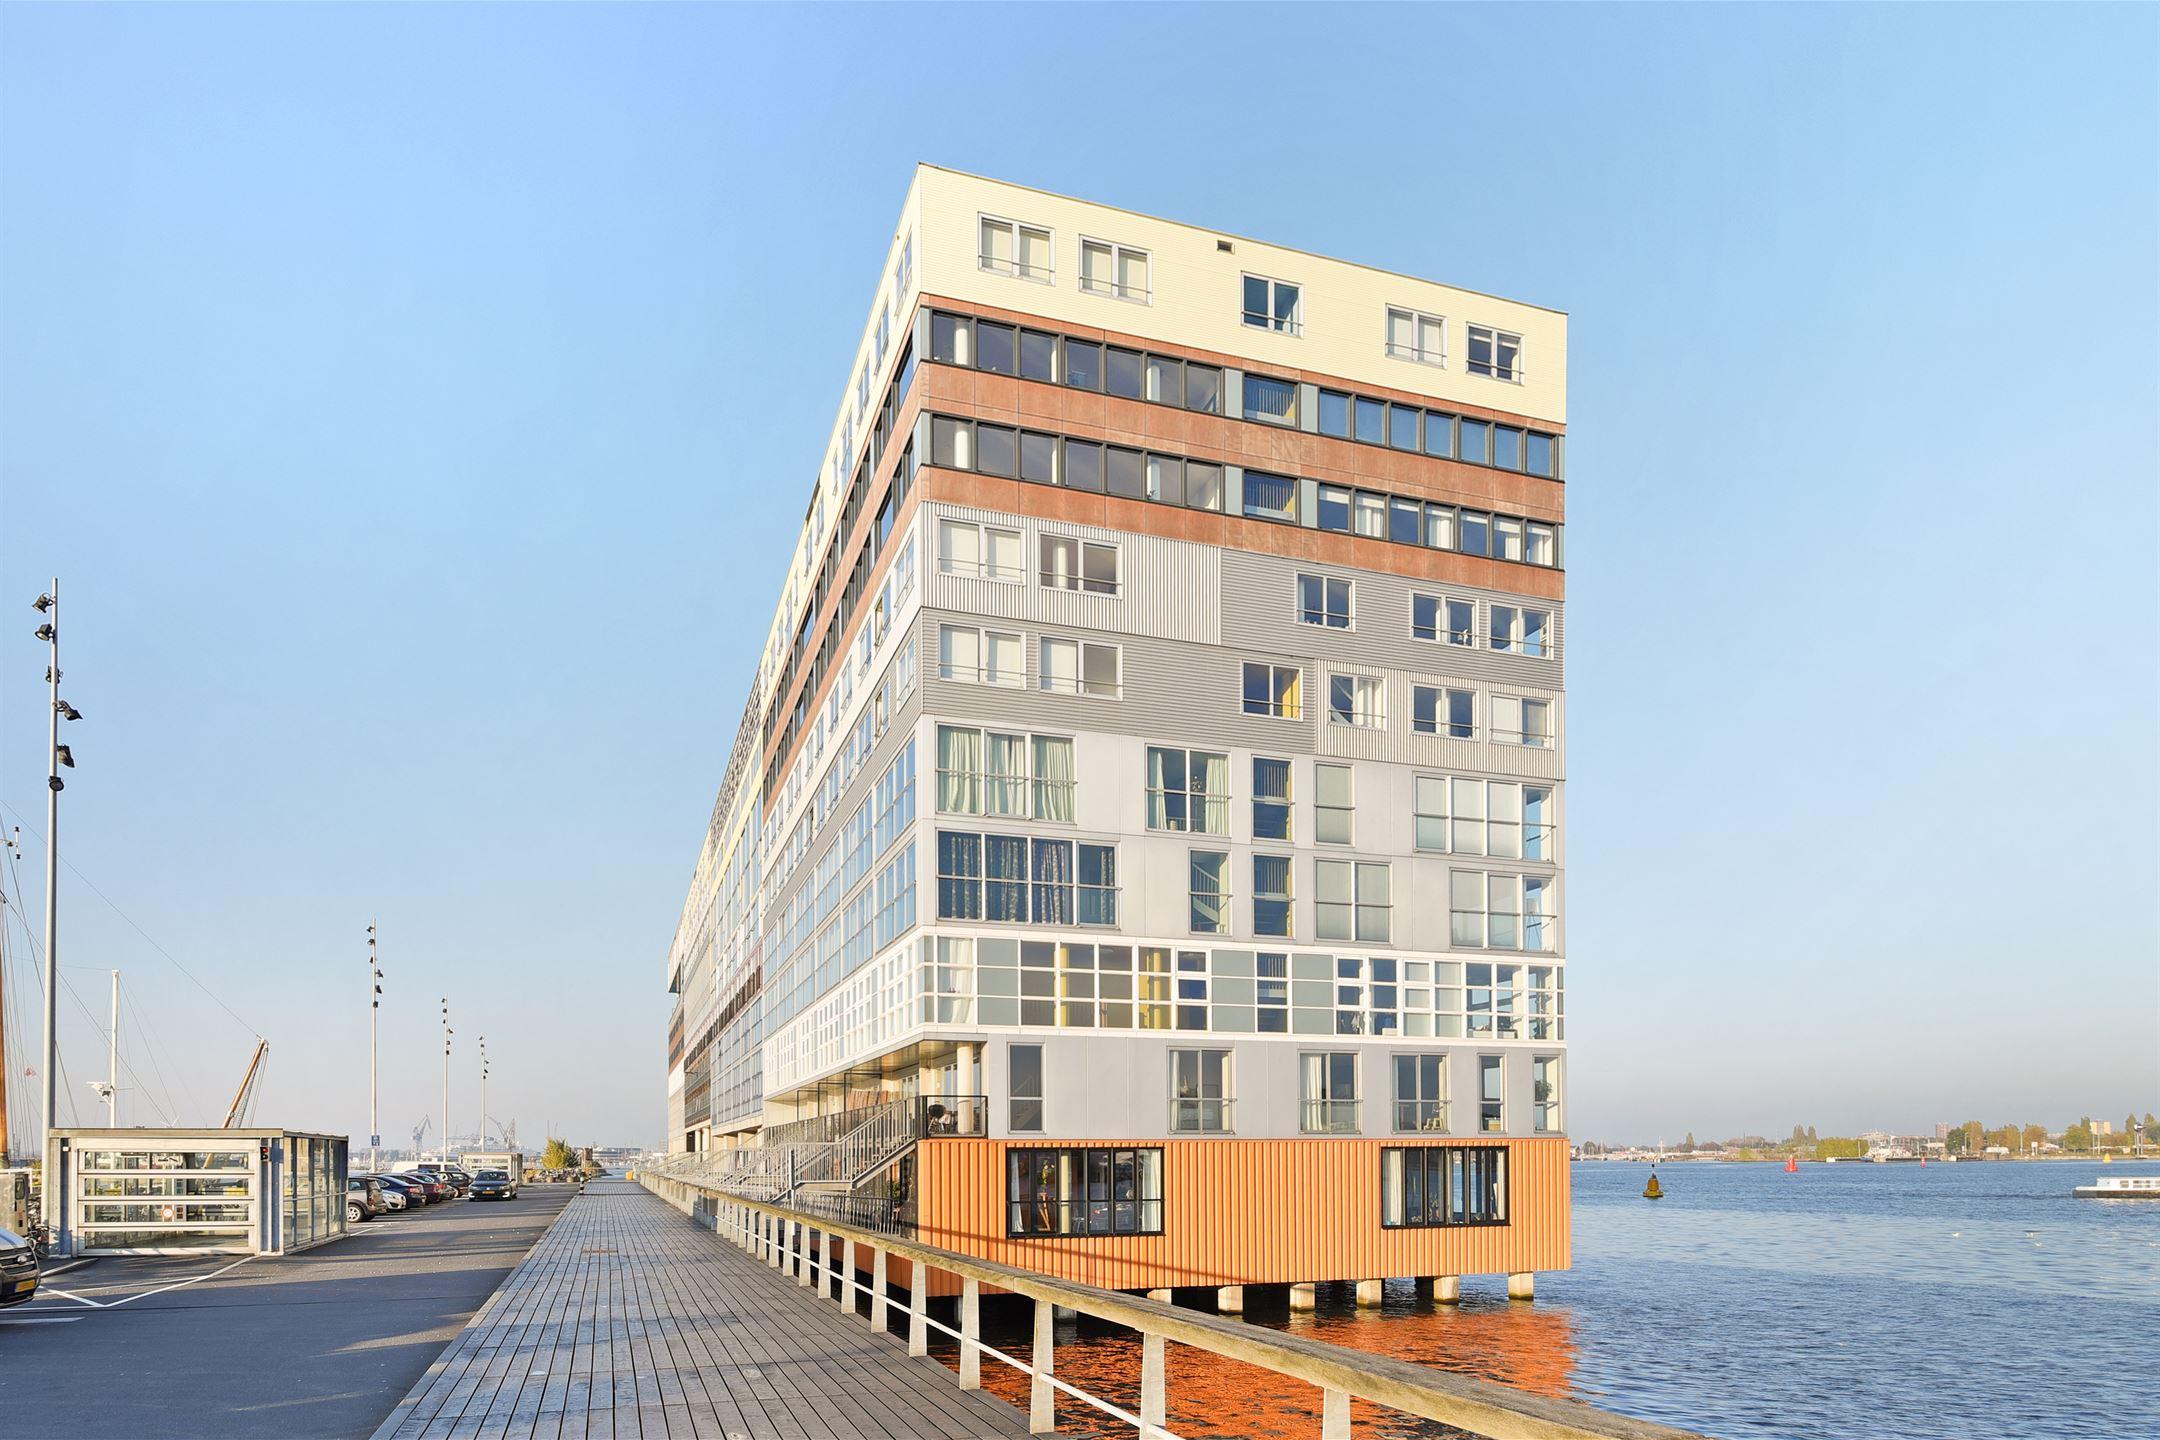 Appartement te koop: silodam 315  pp 1013 aw amsterdam [funda]